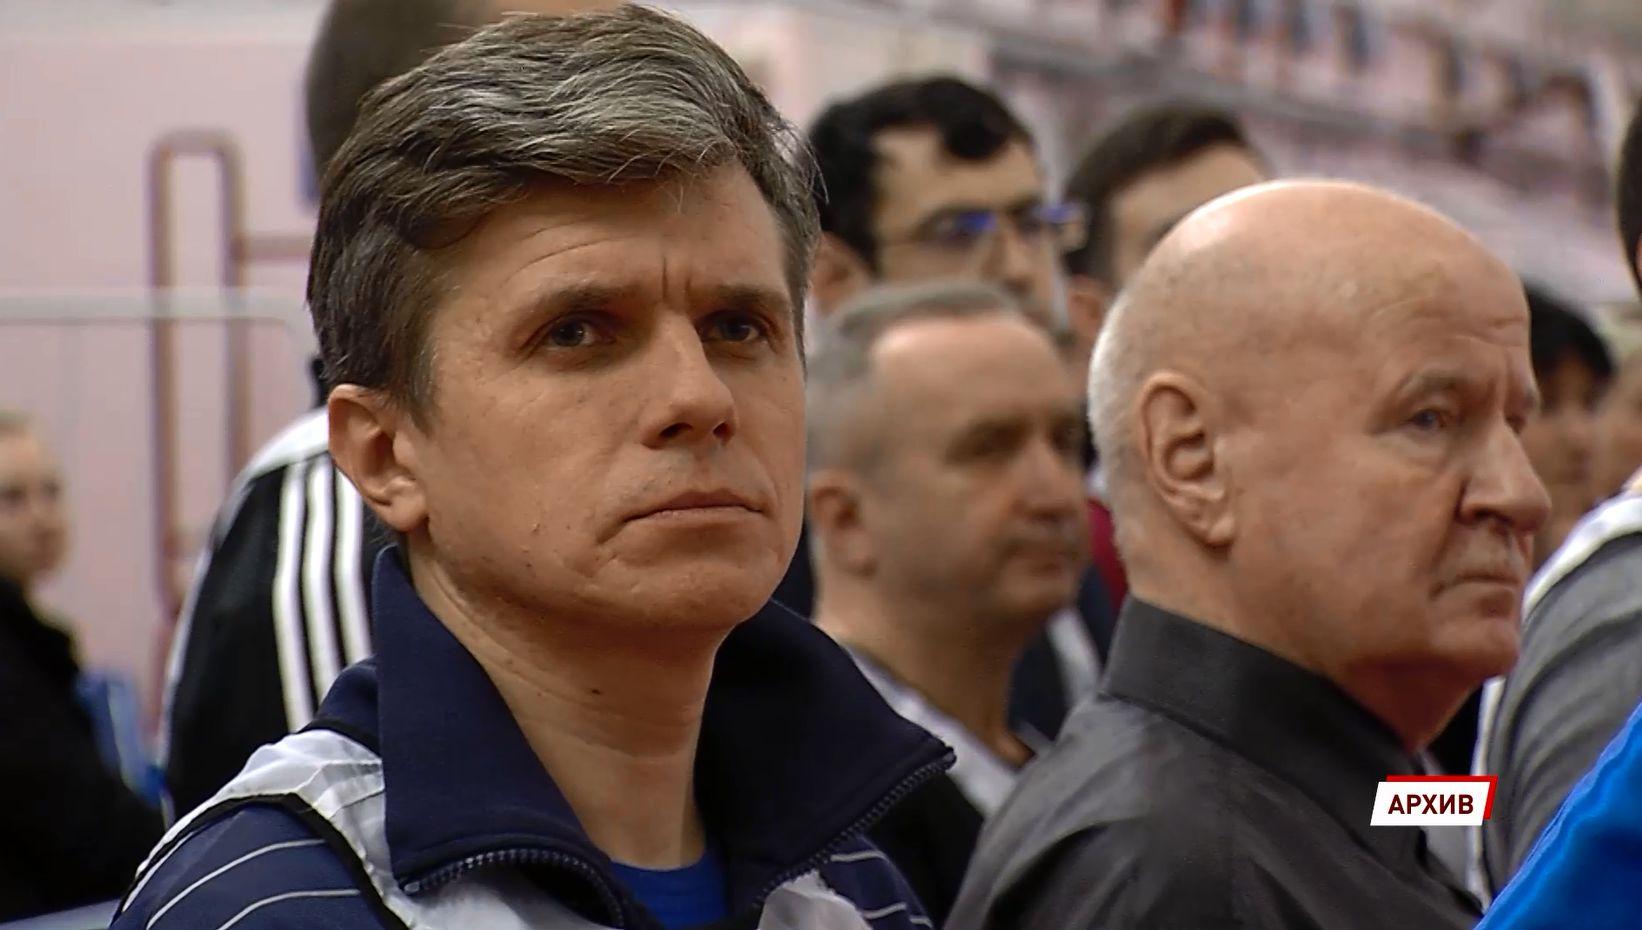 Экс-прокурор Ярославля Игорь Мокичев возглавил прокуратуру Нижнего Новгорода